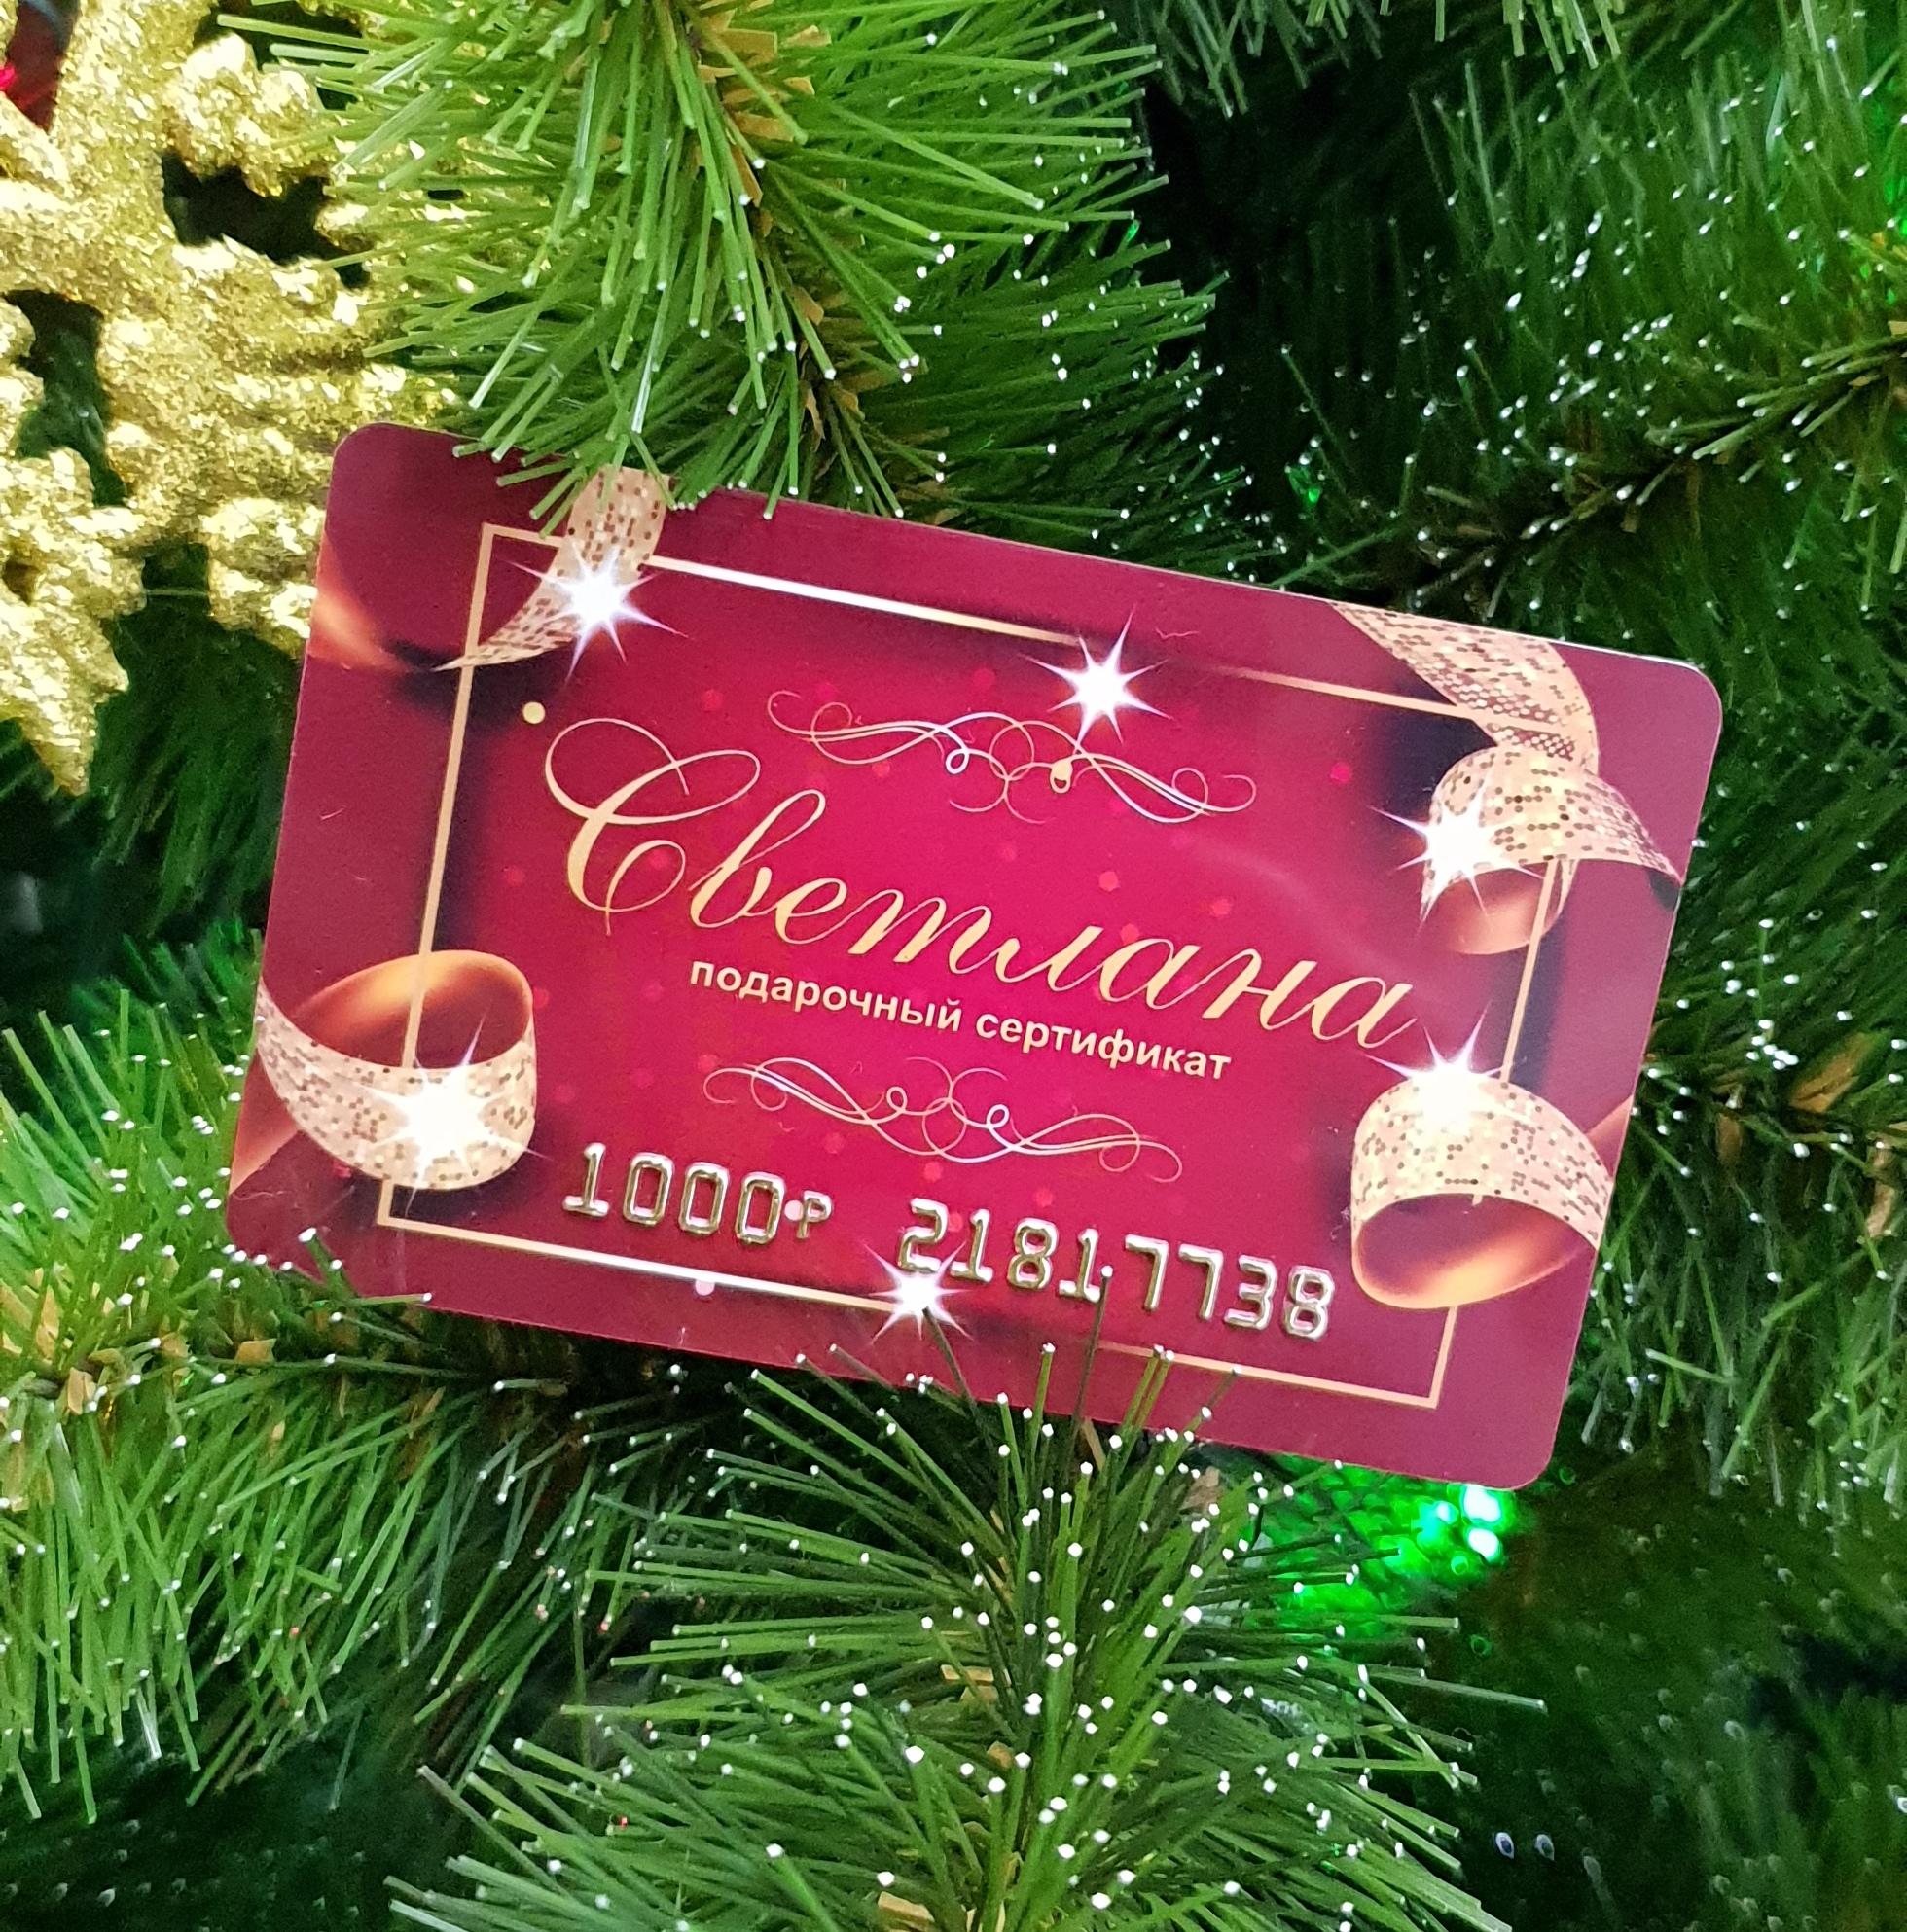 Подарочные сертификаты к Новому году! Парфюмерия и косметика СВЕТЛАНА, Таганрог